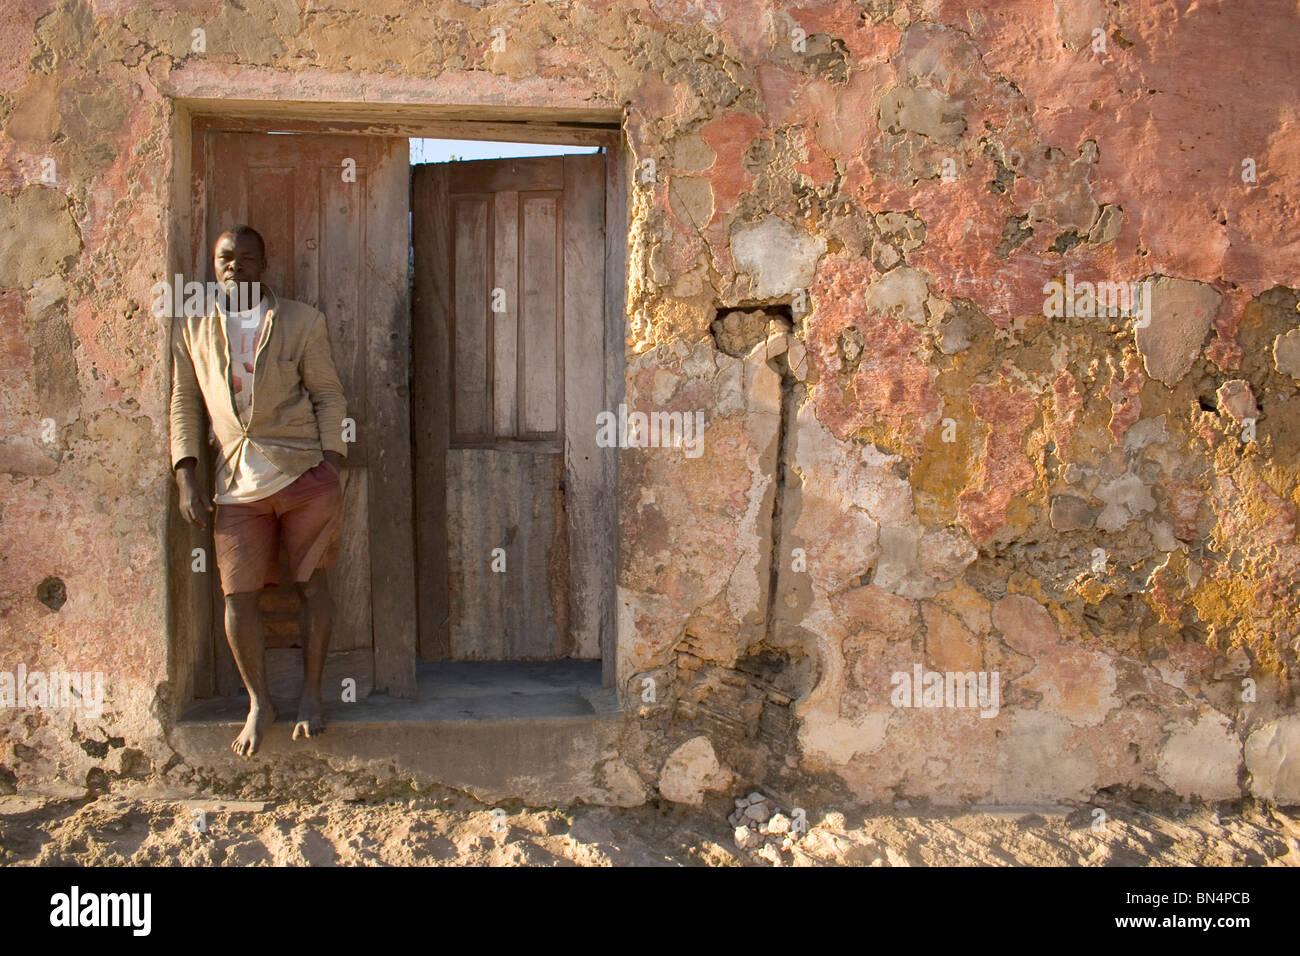 Man standing in doorway, Ilha de Mozambique - Stock Image